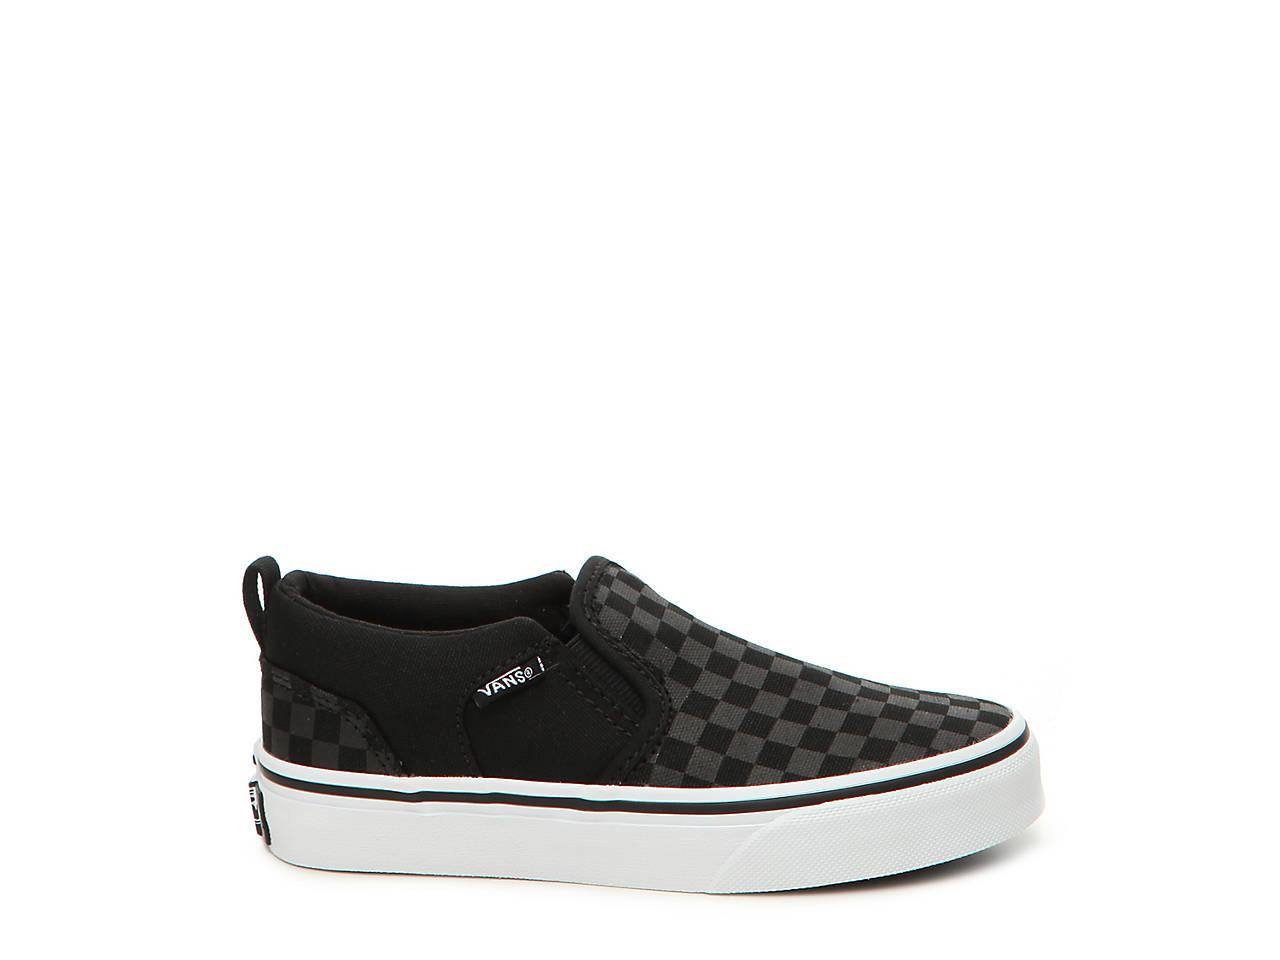 e2e3971bfc50cb Vans Asher Checker Toddler   Youth Slip-On Sneaker Kids Shoes